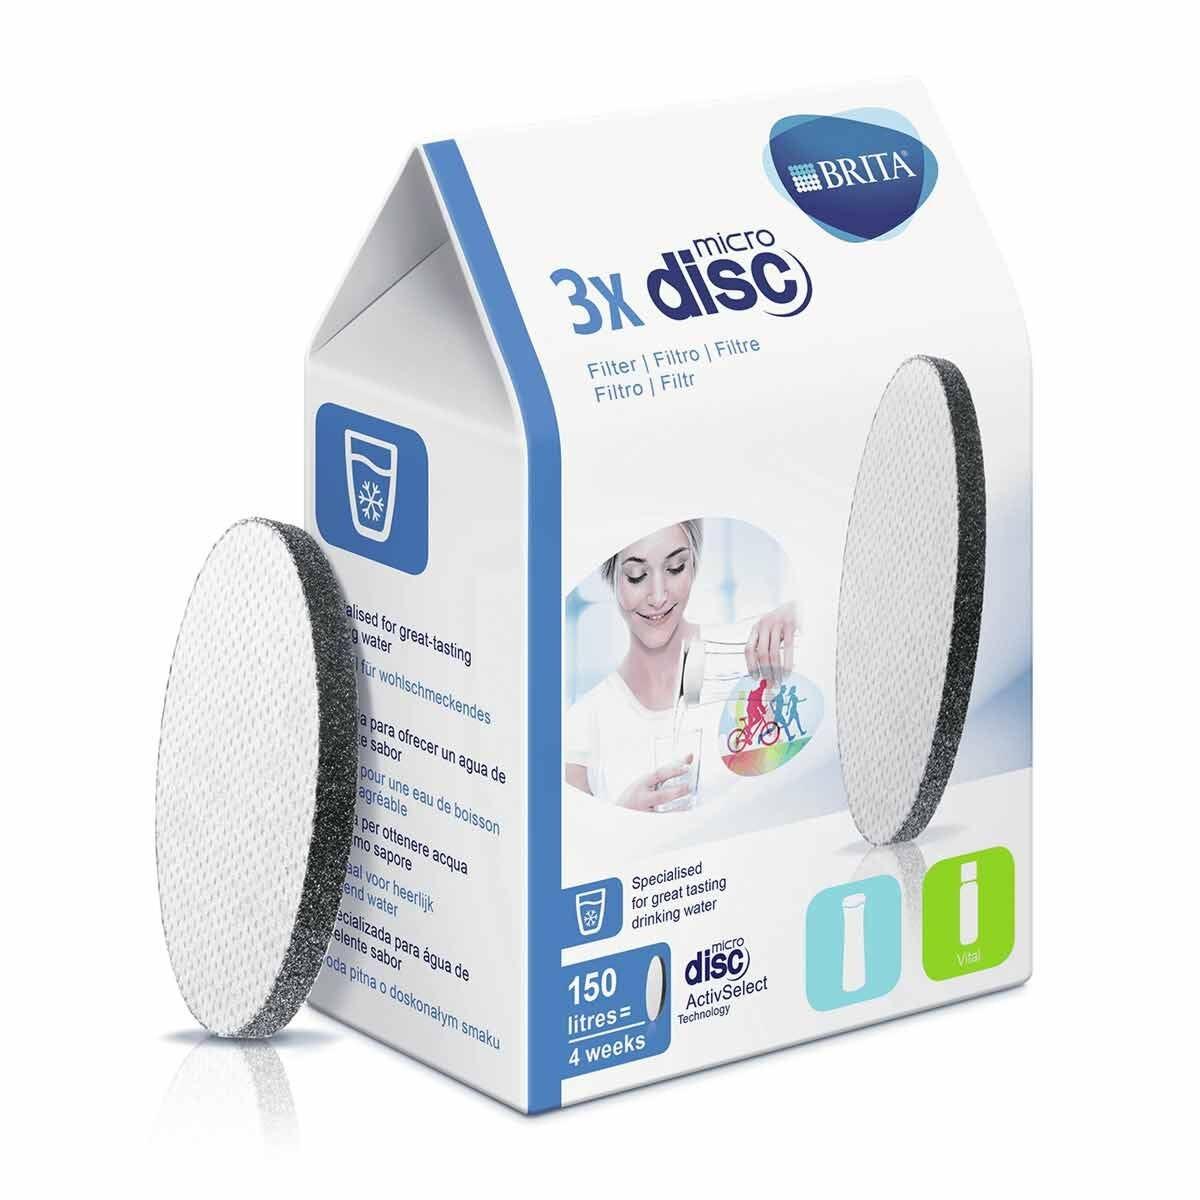 BRITA Micro Disc 3 Pack